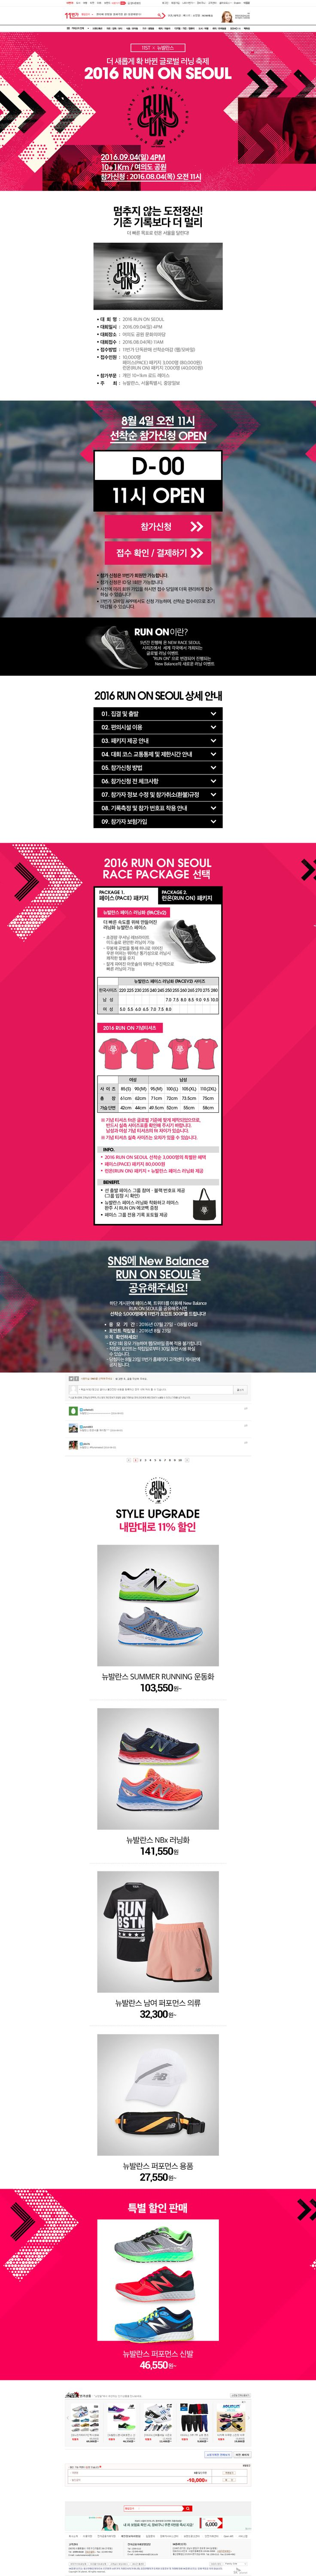 #2016년8월1주차 #11st #2016RUNONSEOUL www.11st.co.kr